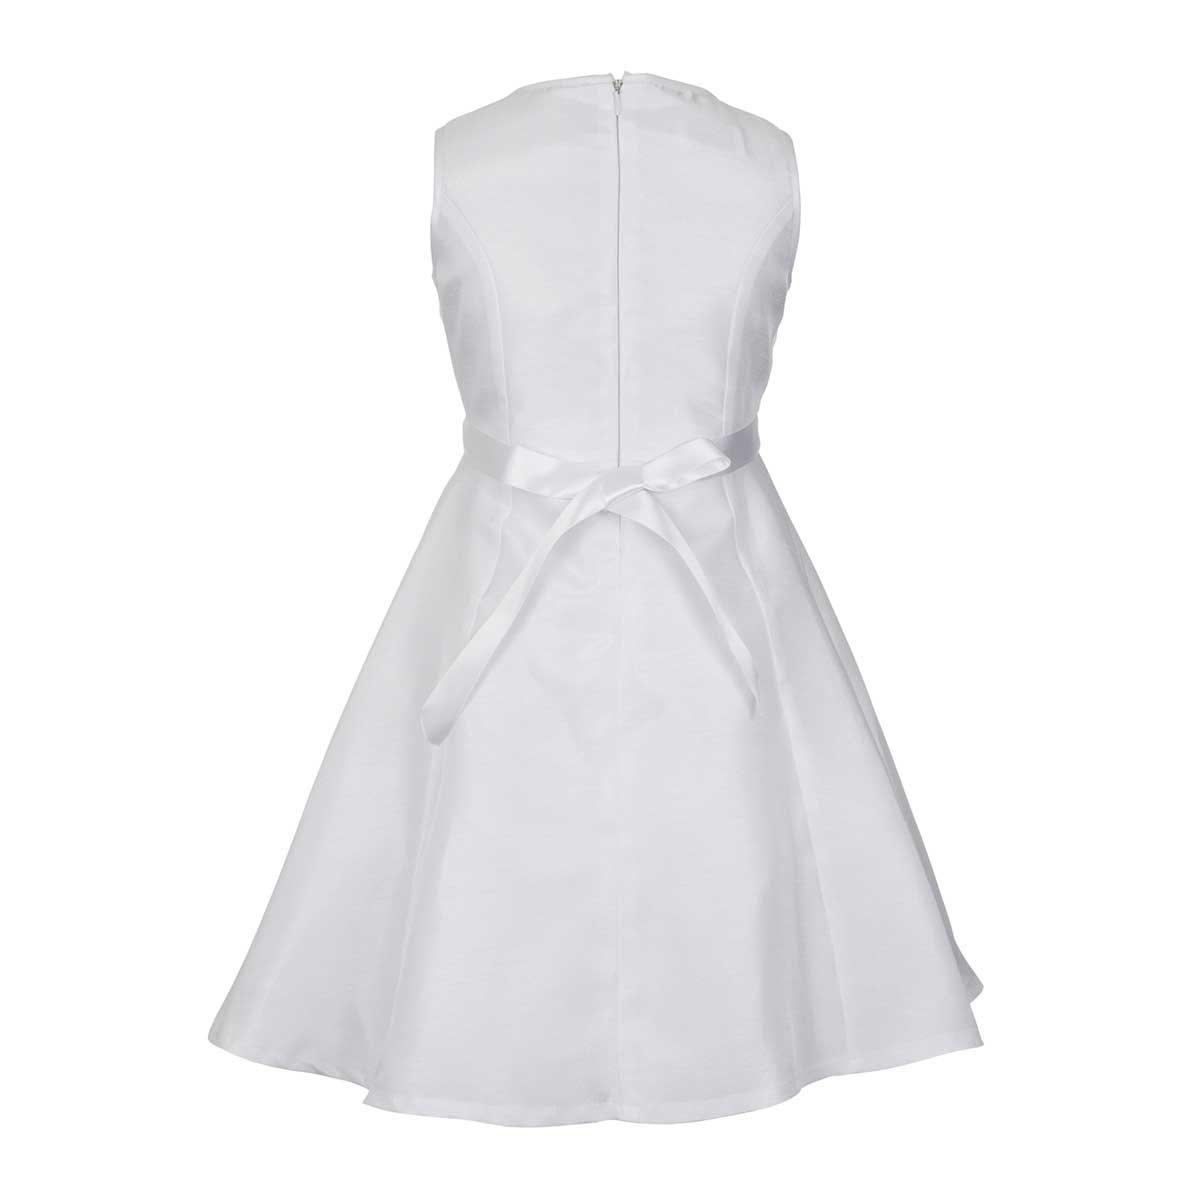 Vestidos Para Dama Sears Modelos De Moda De Vestidos De Noche